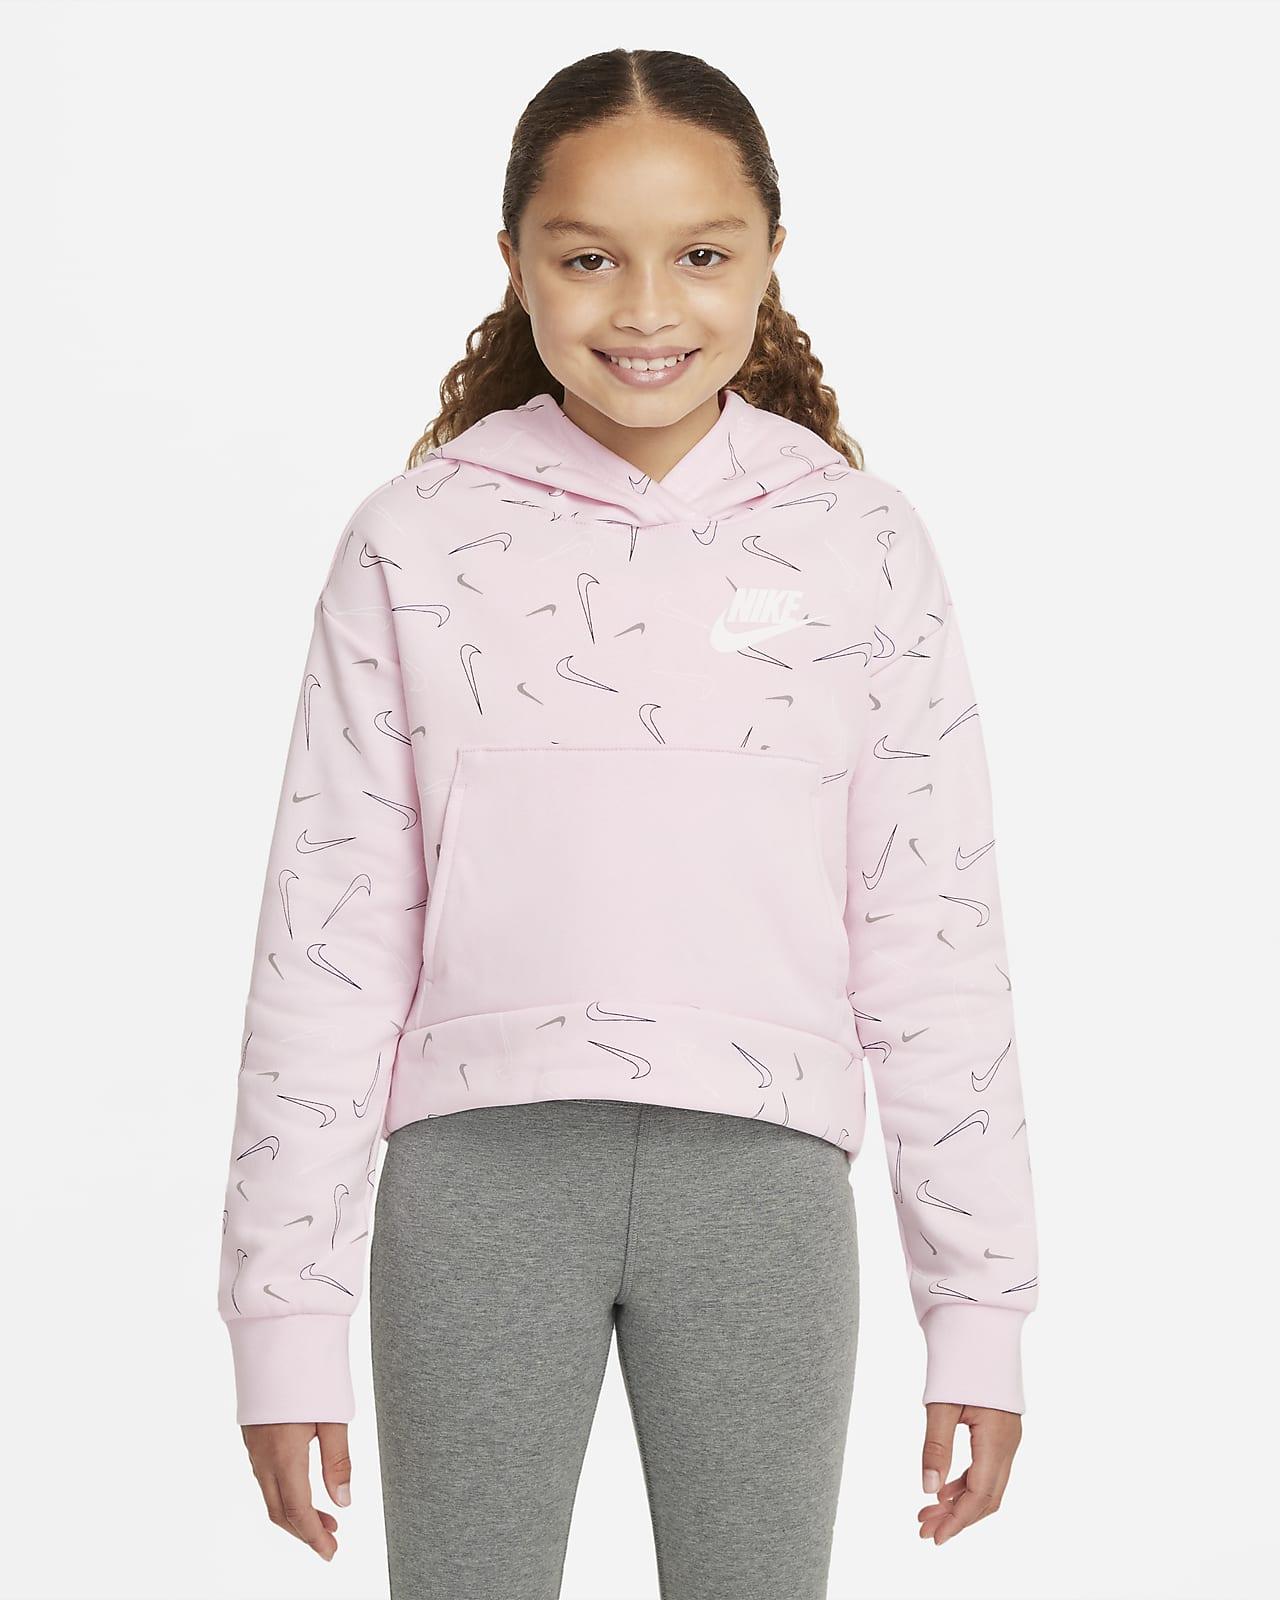 Nike Sportswear Older Kids' (Girls') Printed Fleece Hoodie